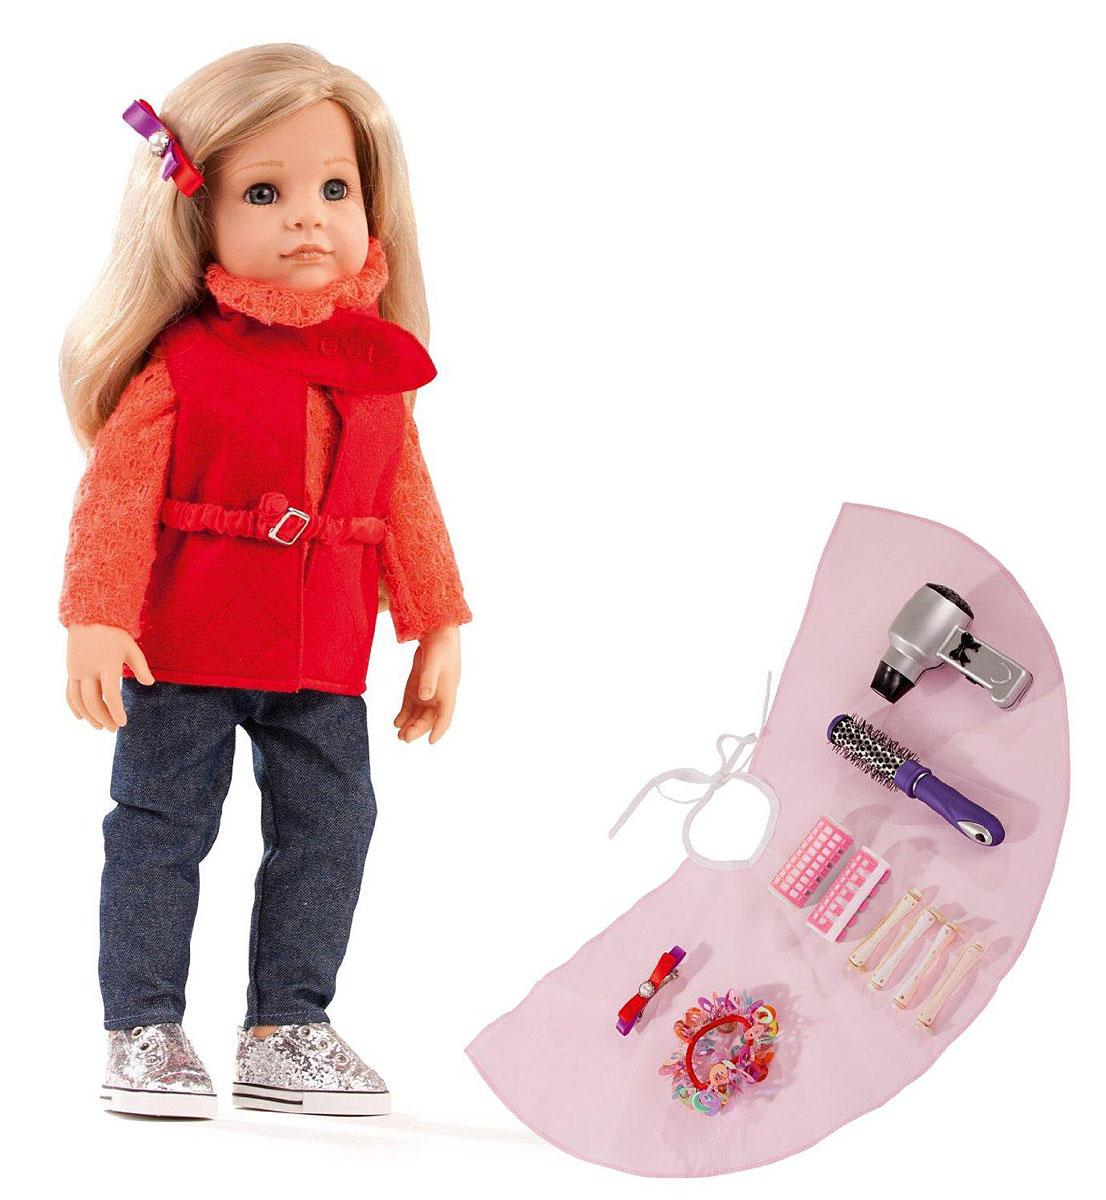 Gotz Игровой набор с куклой Ханна модница1459073Очаровательная кукла Ханна-модница станет замечательным подарком для девочки. С необычной куклой, которая так похожа на настоящую девочку, можно проводить много времени вместе, придумывая увлекательные сюжеты для игр. Кукла Gotz с виниловым подвижным телом подходит для активных игр дома и на улице. Куклу можно переодевать и делать различные прически. Кукла имеет длинные волосы пшеничного цвета, которые прочно вшиты для избежания выпадения во время активных игр детей. Ханна одета в стильный наряд, состоящий из джинсов и яркой двойной кофточки. На ножках у Ханны - стильные кеды серебристого цвета. В комплекте с куклой девочка найдет набор парикмахера, с помощью которого сможет создать кукле множество стильных причесок. Кукла, одежда и аксессуары Gotz выполнены из качественных материалов с учетом необходимых стандартов, соответствующих европейским нормативам. Куклу можно мыть, она приятна на ощупь, стимулирует сенсорное развитие ребенка, знакомит с новыми...